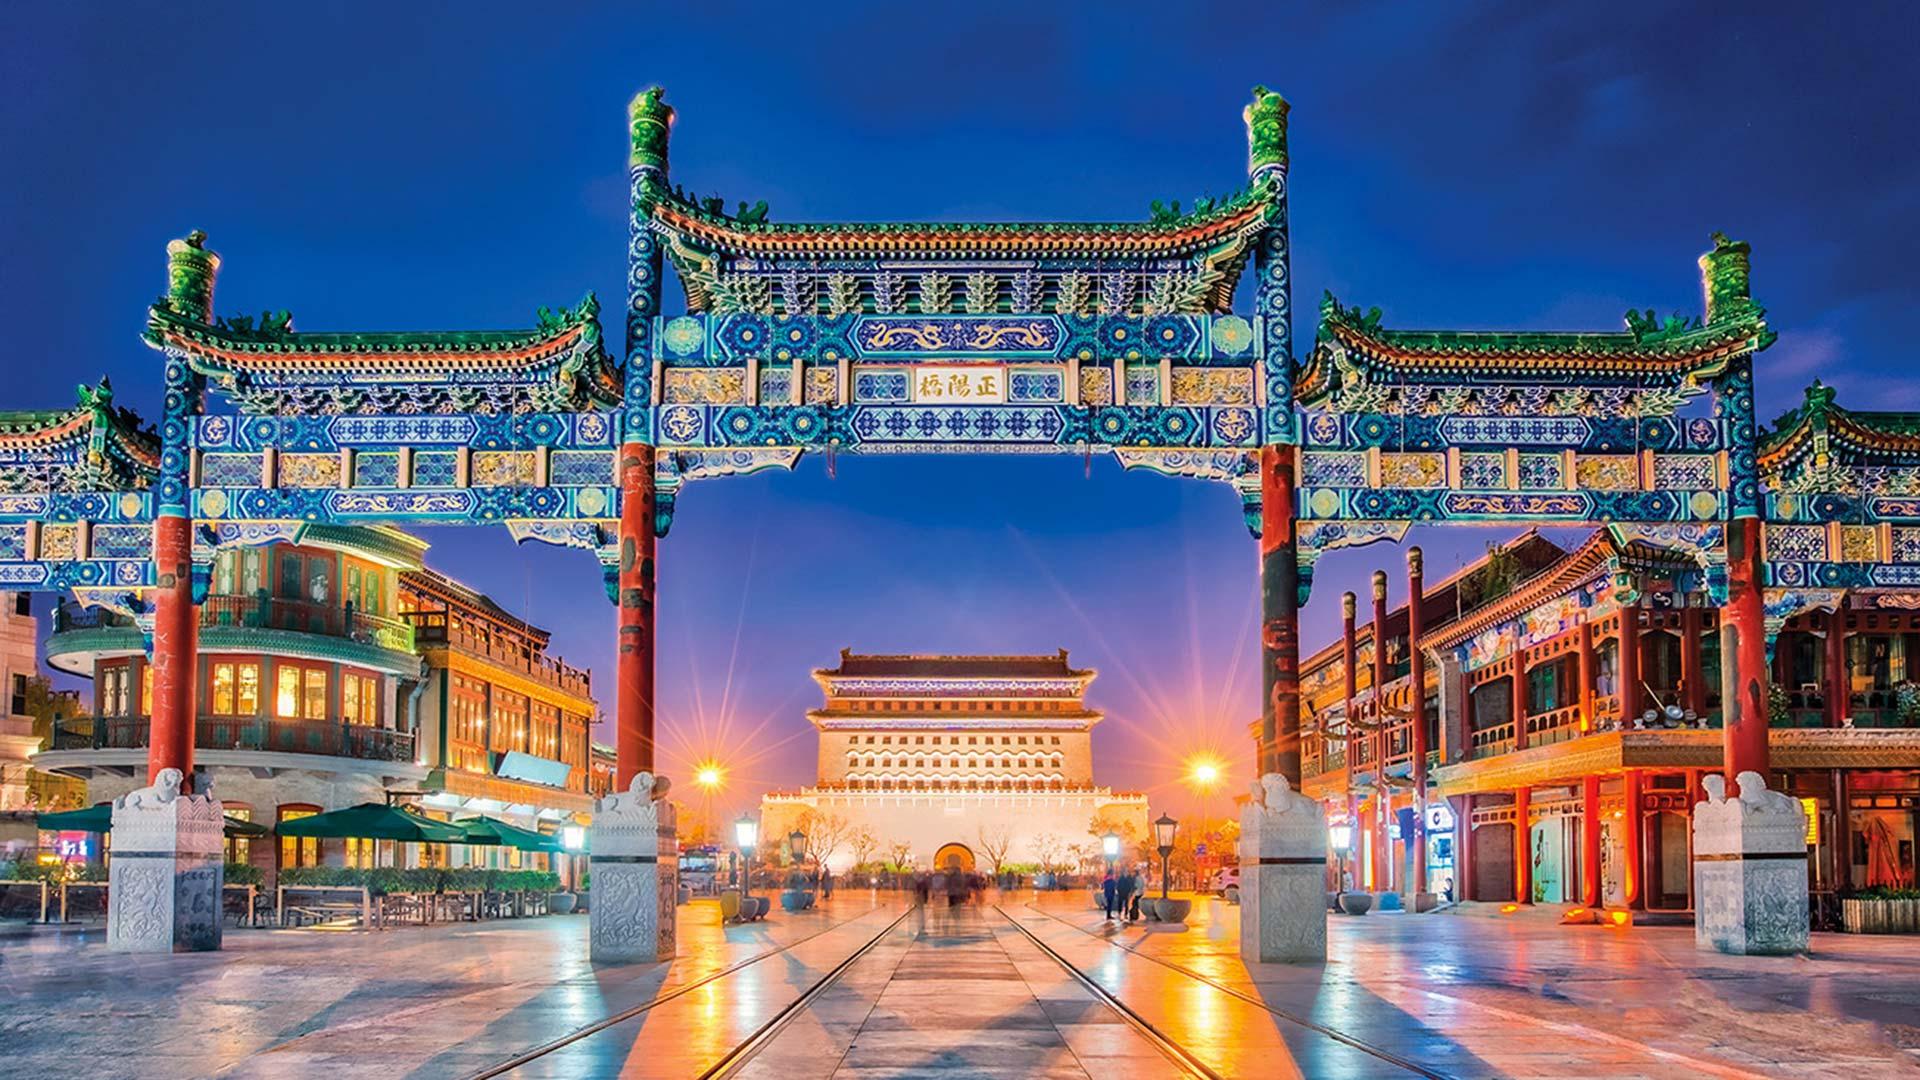 Zhengyang